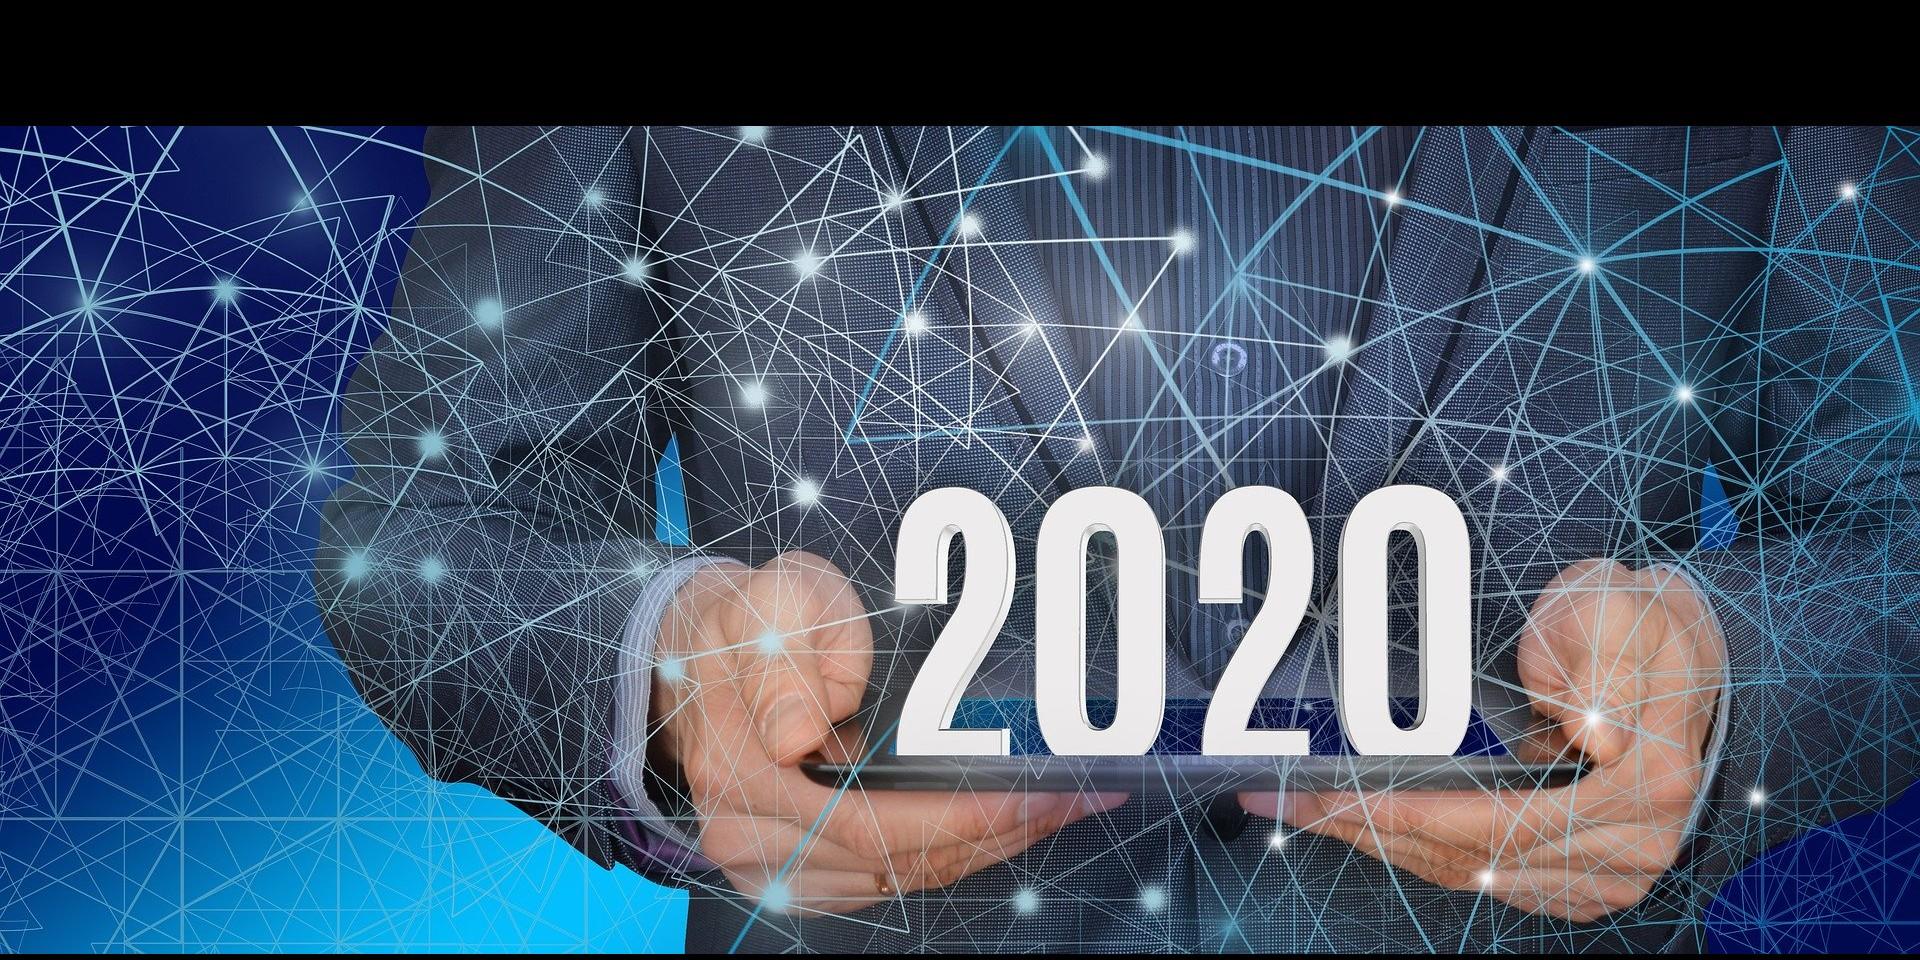 Cybercriminelen gaan aanvallen steeds vaker automatiseren in 2020